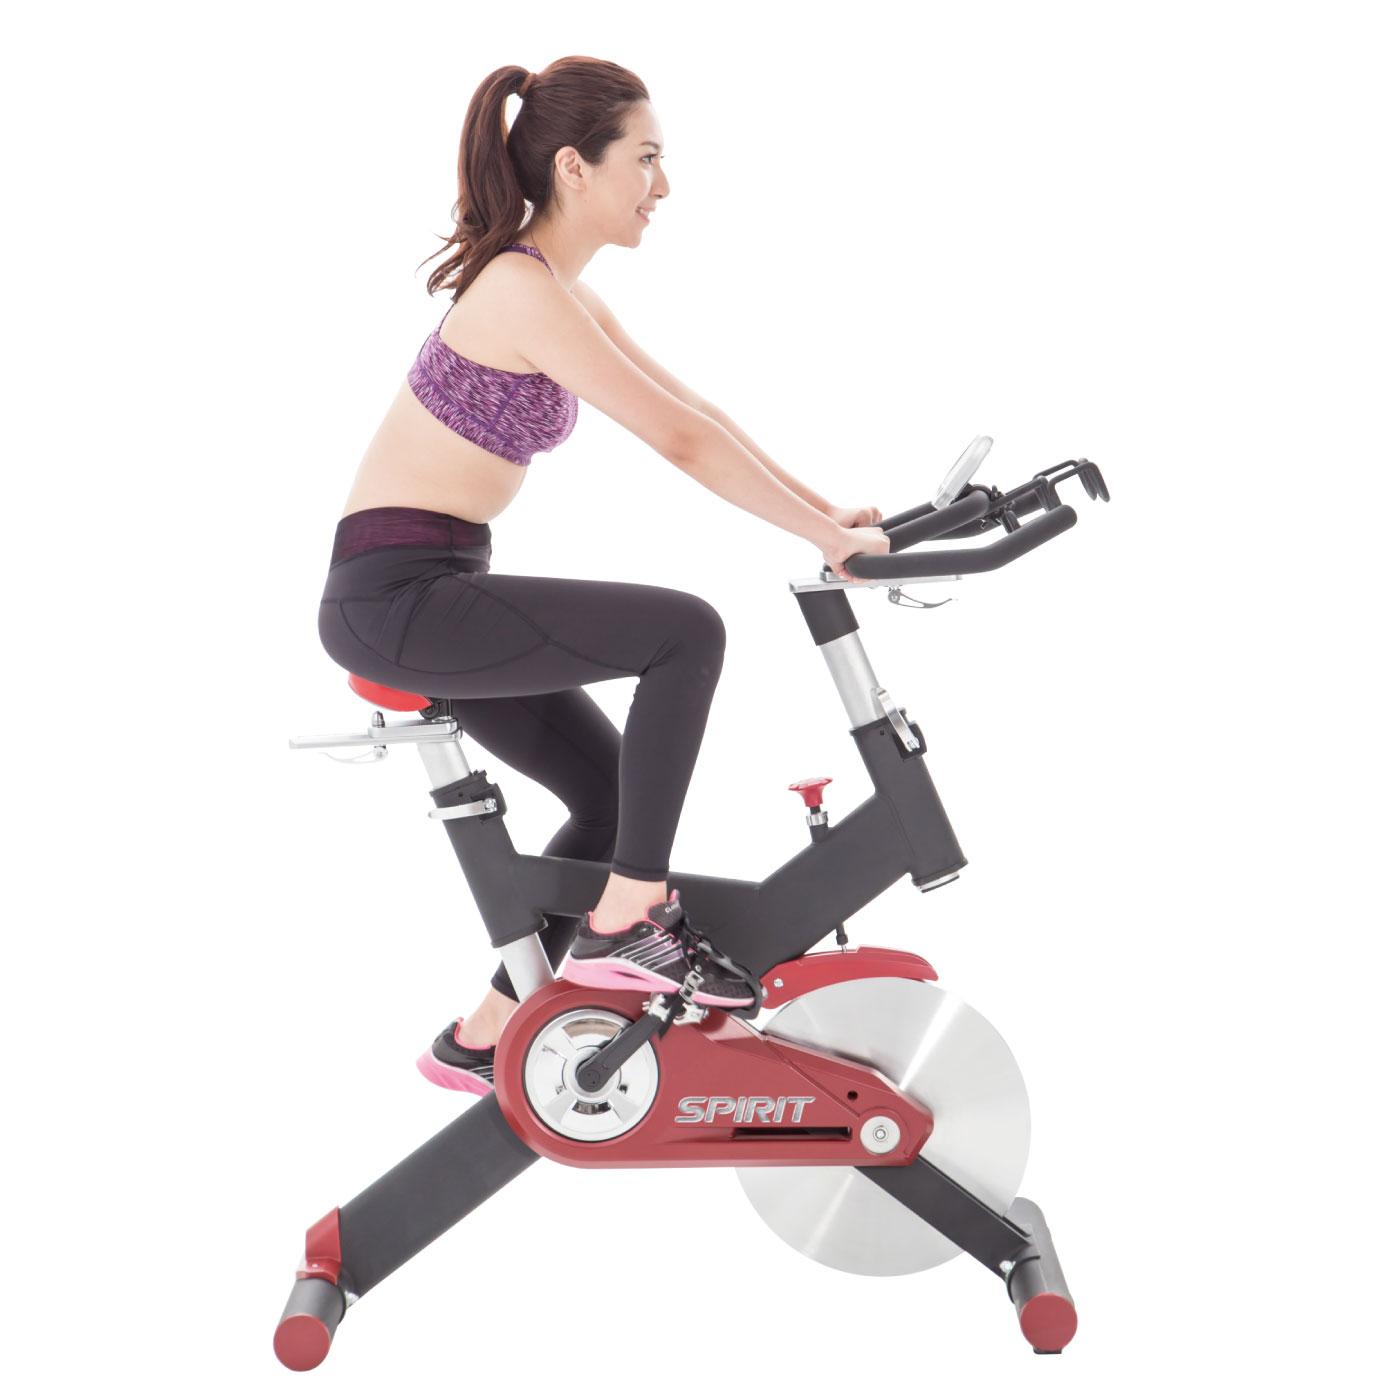 SB702-3260/準業務用スピンバイク(インドアサイクル)〈Spirit Fitness〉《ダイヤコ》